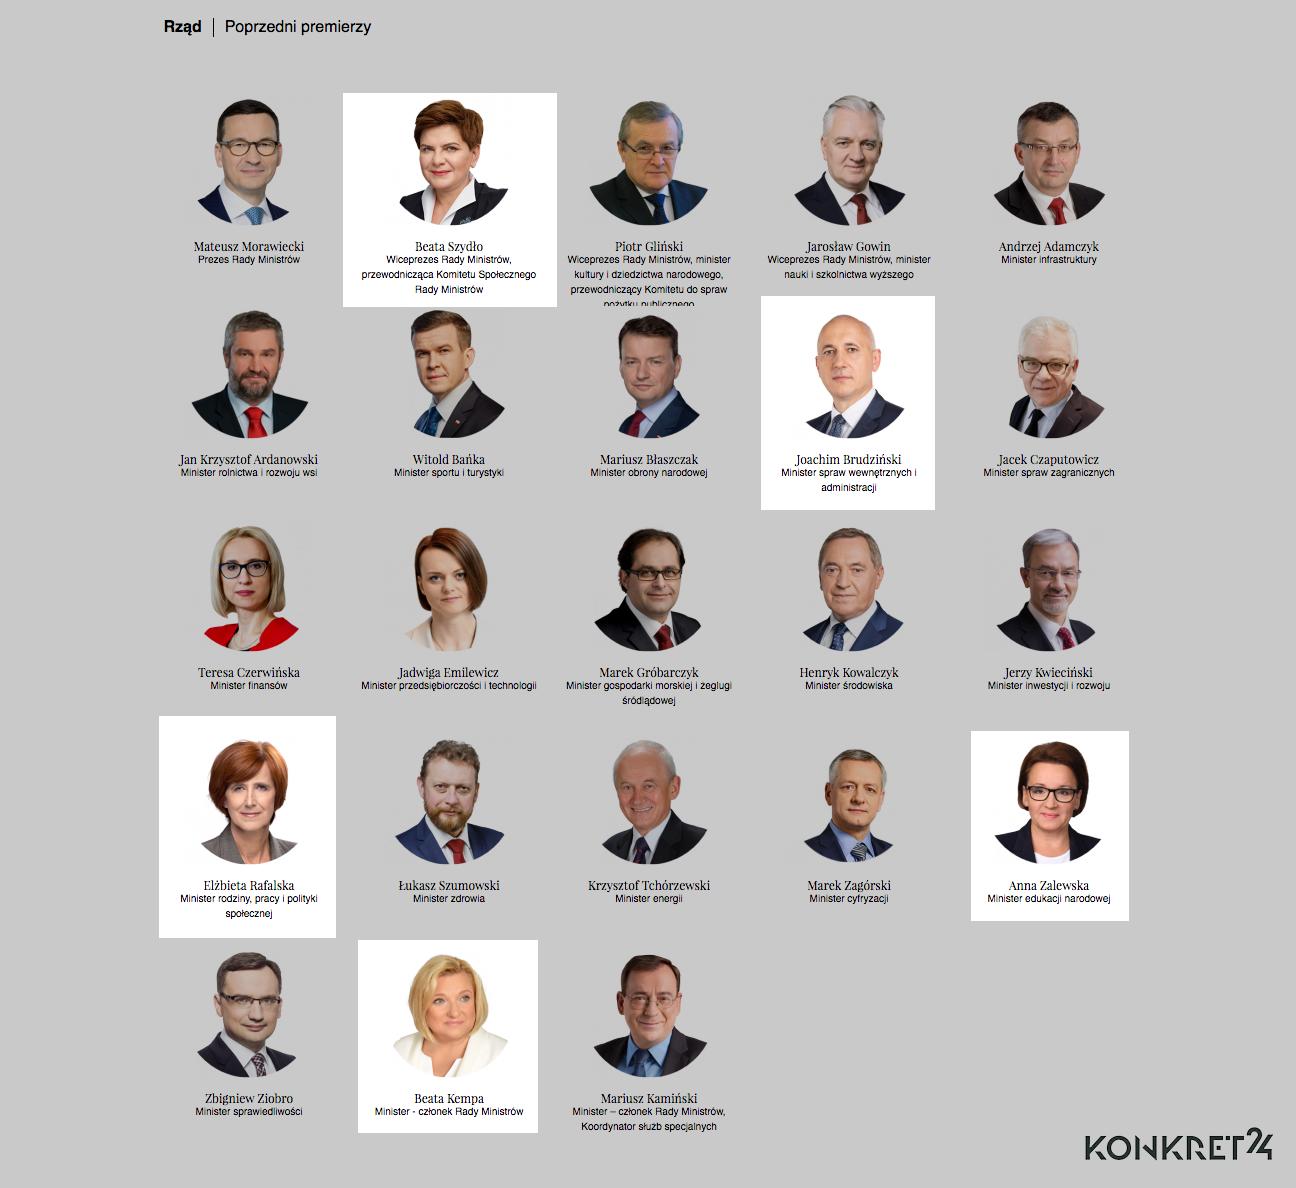 Pięcioro konstytucyjnych ministrów kandydatami do Europarlamentu